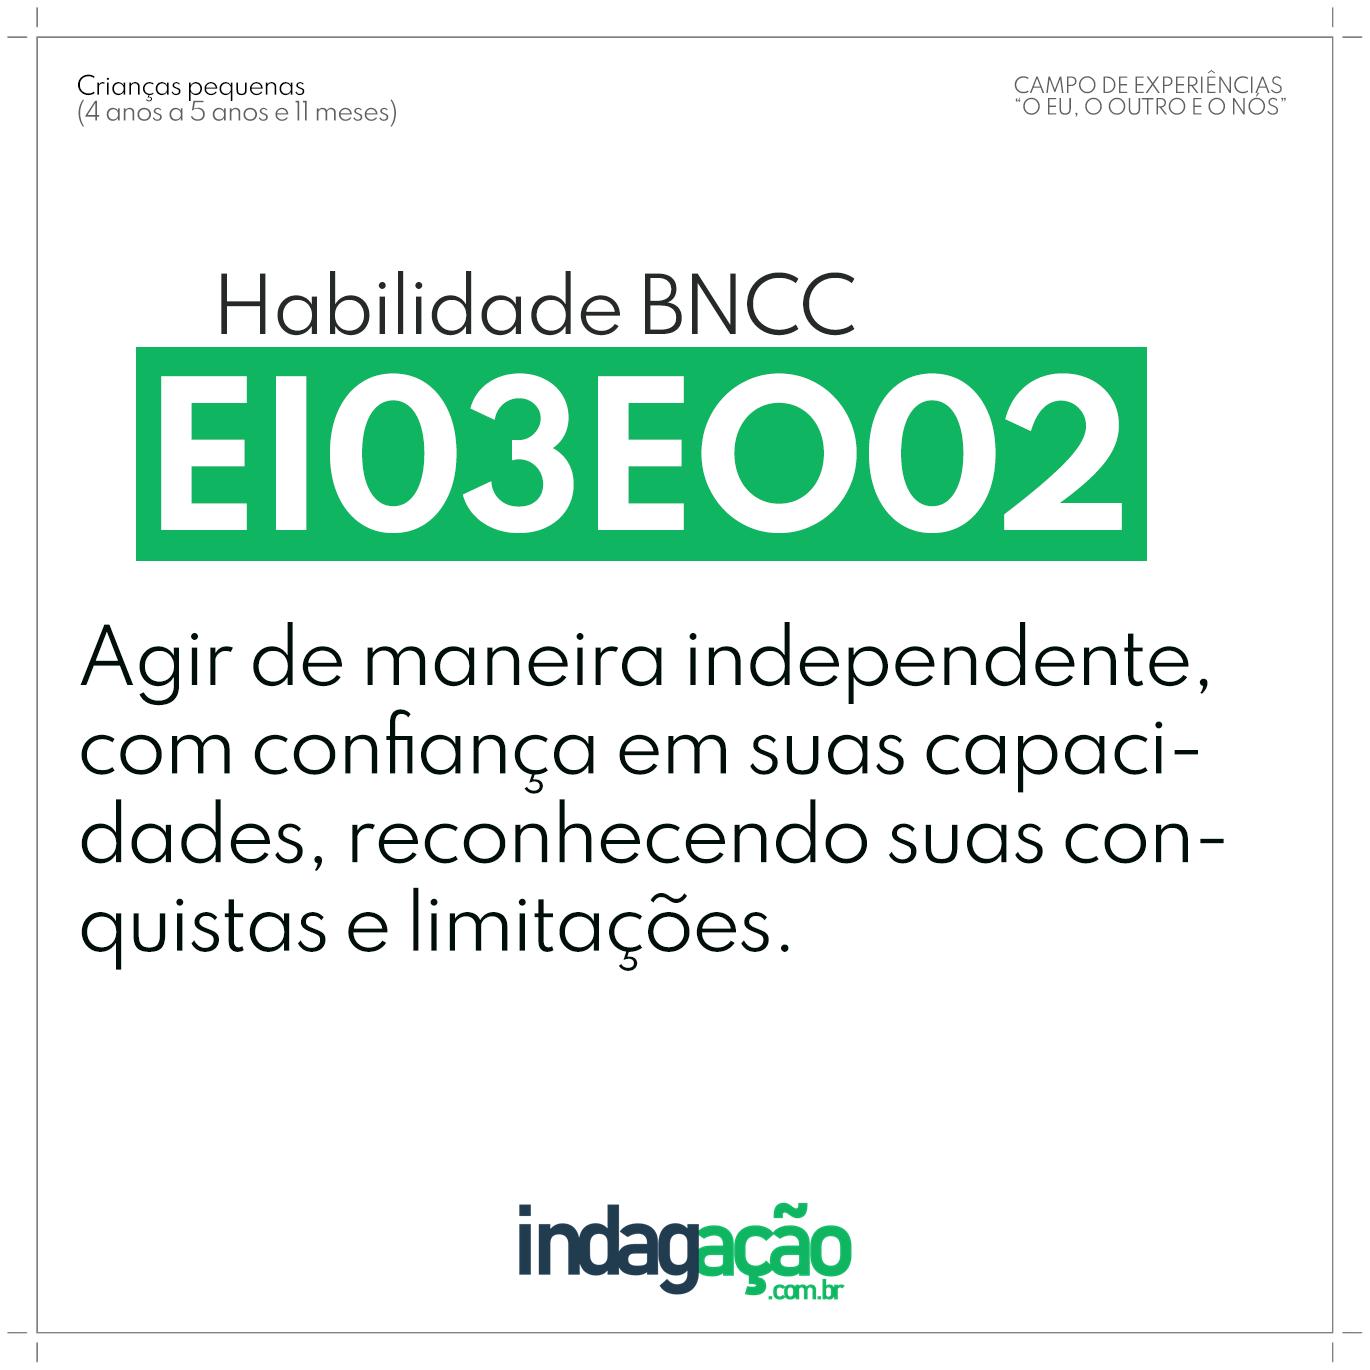 Habilidade EI03EO02 BNCC